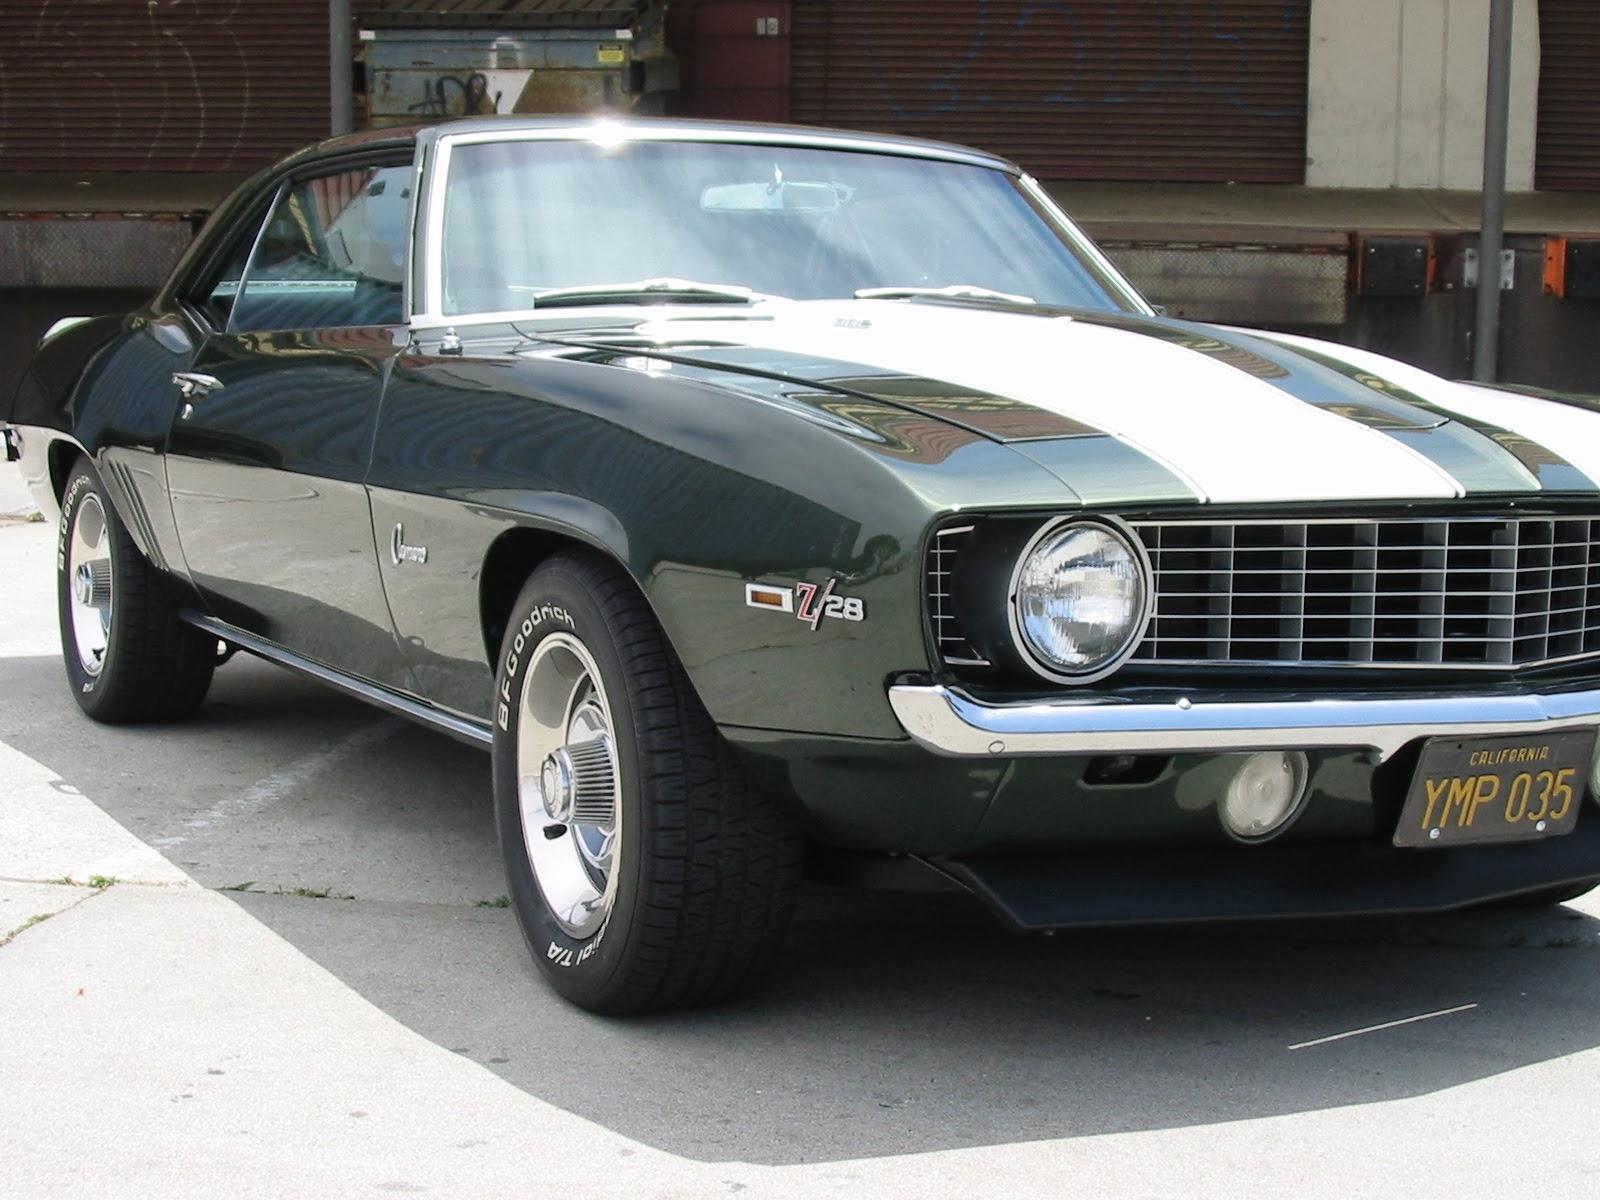 Steve's Camaro Parts: Classic Camaro Parts - 1967 - 1969